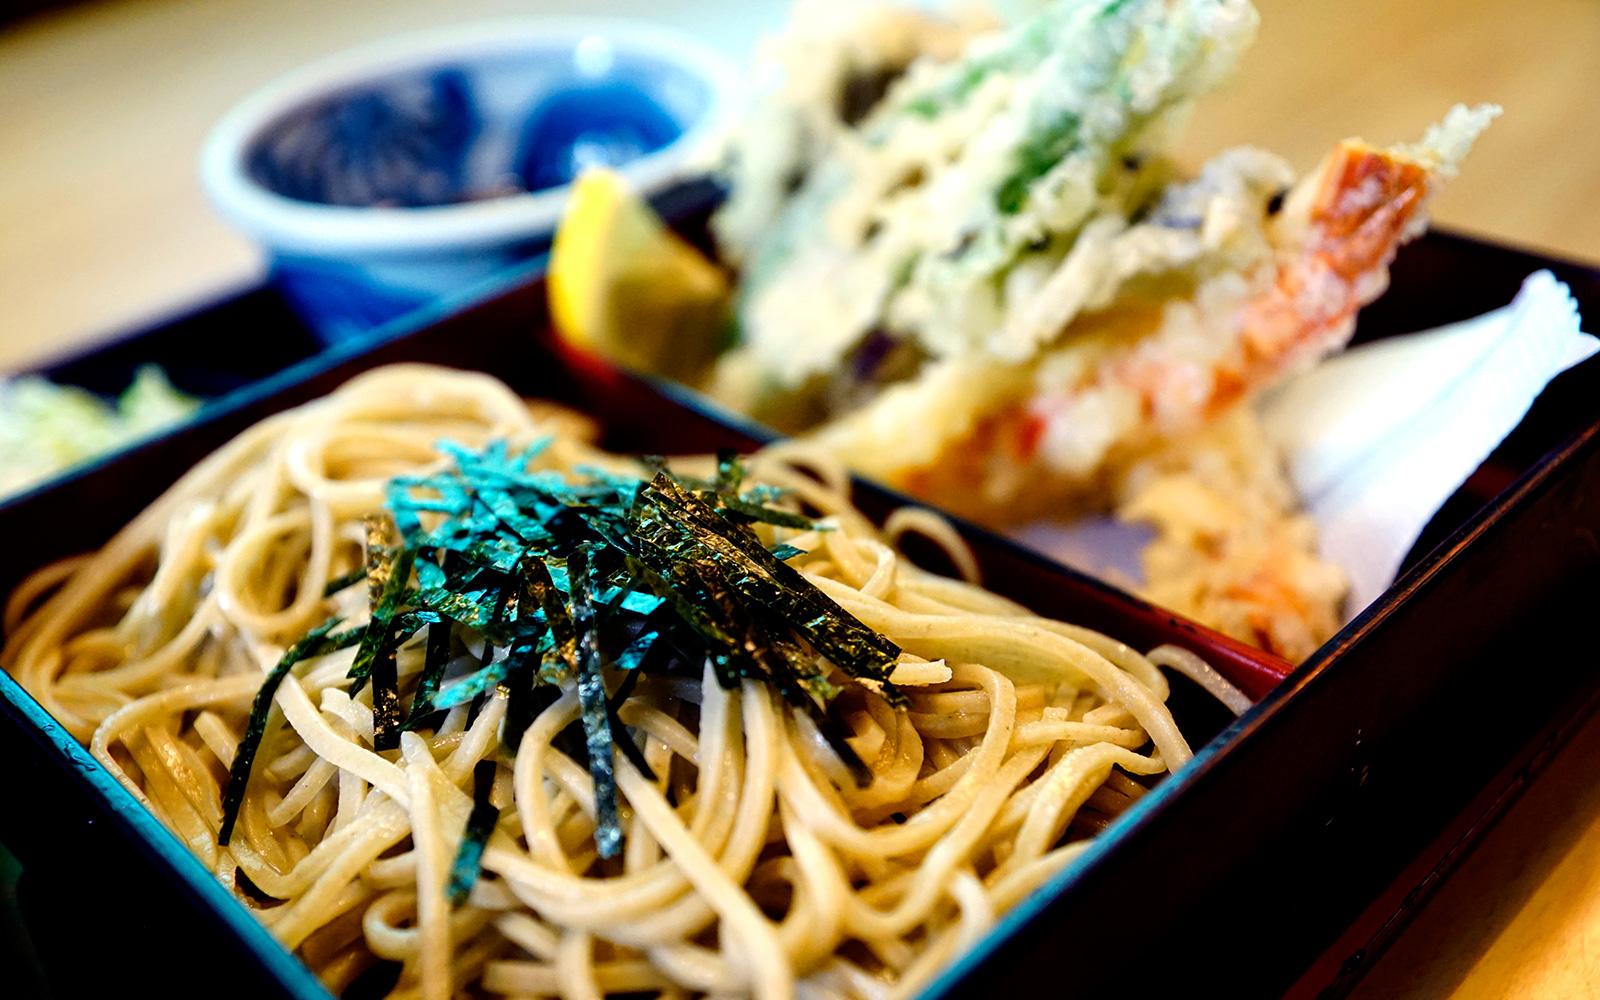 山形一の老舗で、江戸時代から続く伝統の「そば」を堪能!